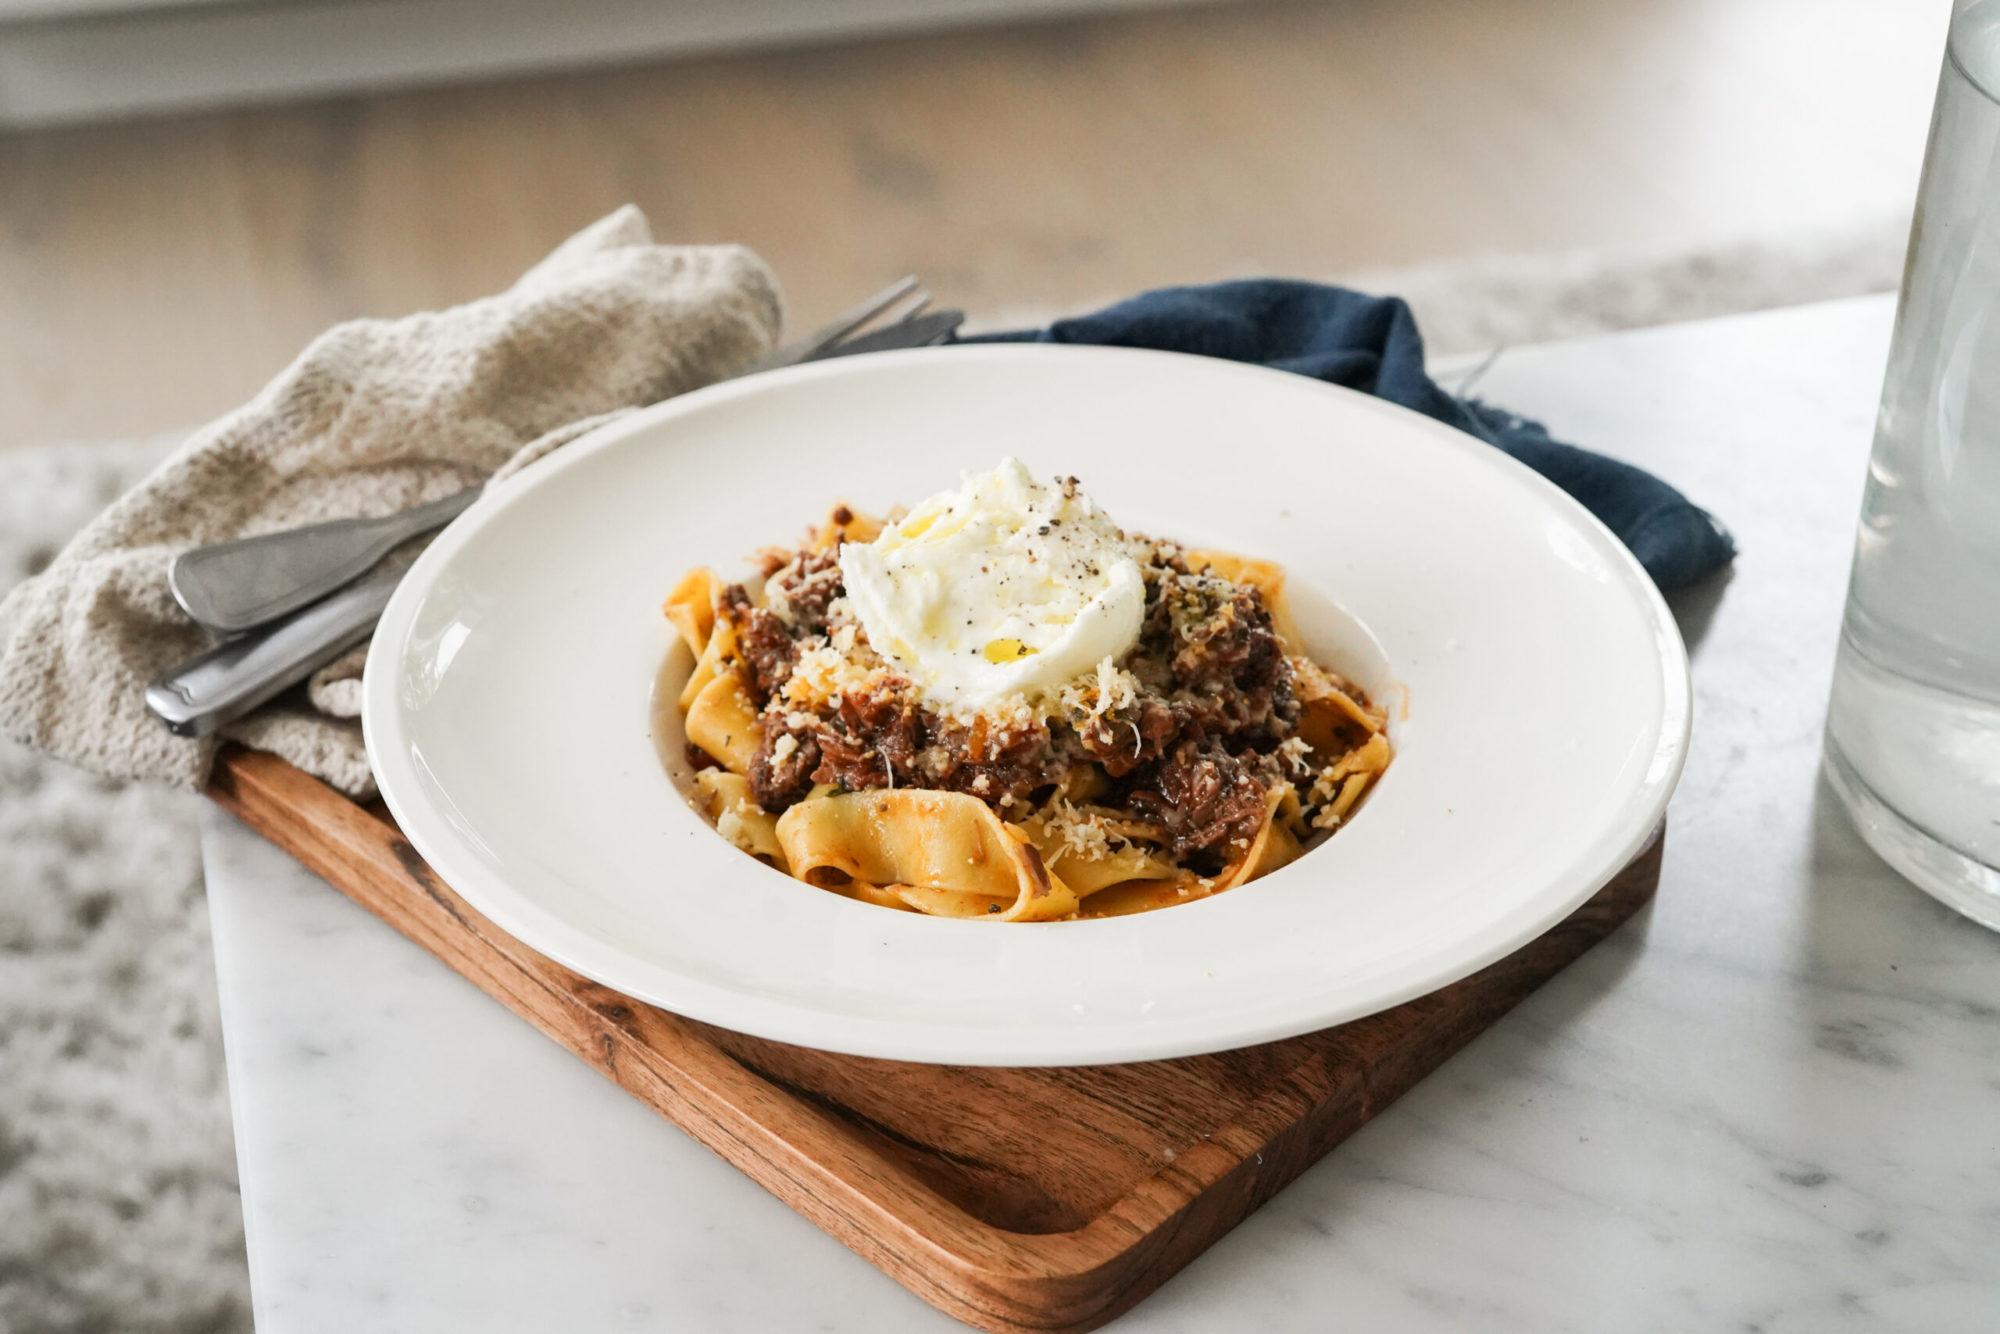 En tallrik med en pasta toppad med mozzarella och olivolja serverad på en bricka